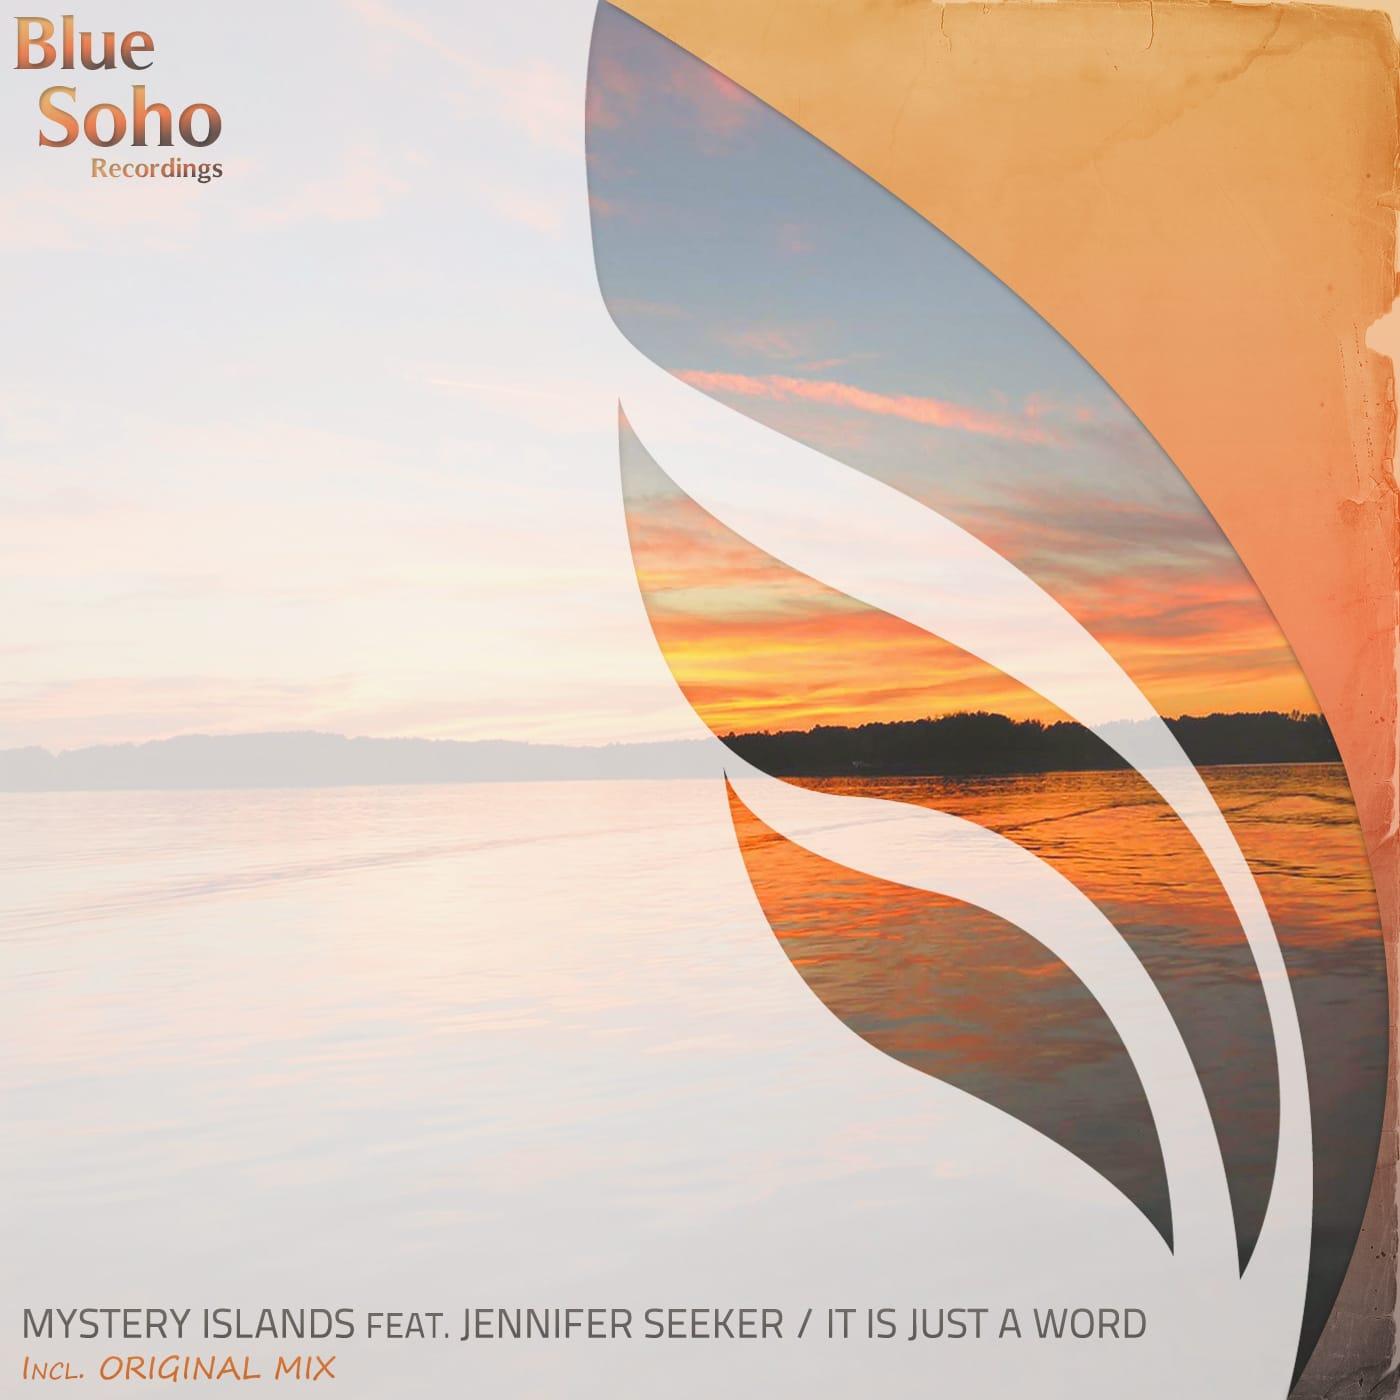 Mystery Islands feat Jennifer Seeker – It Is Just A Word